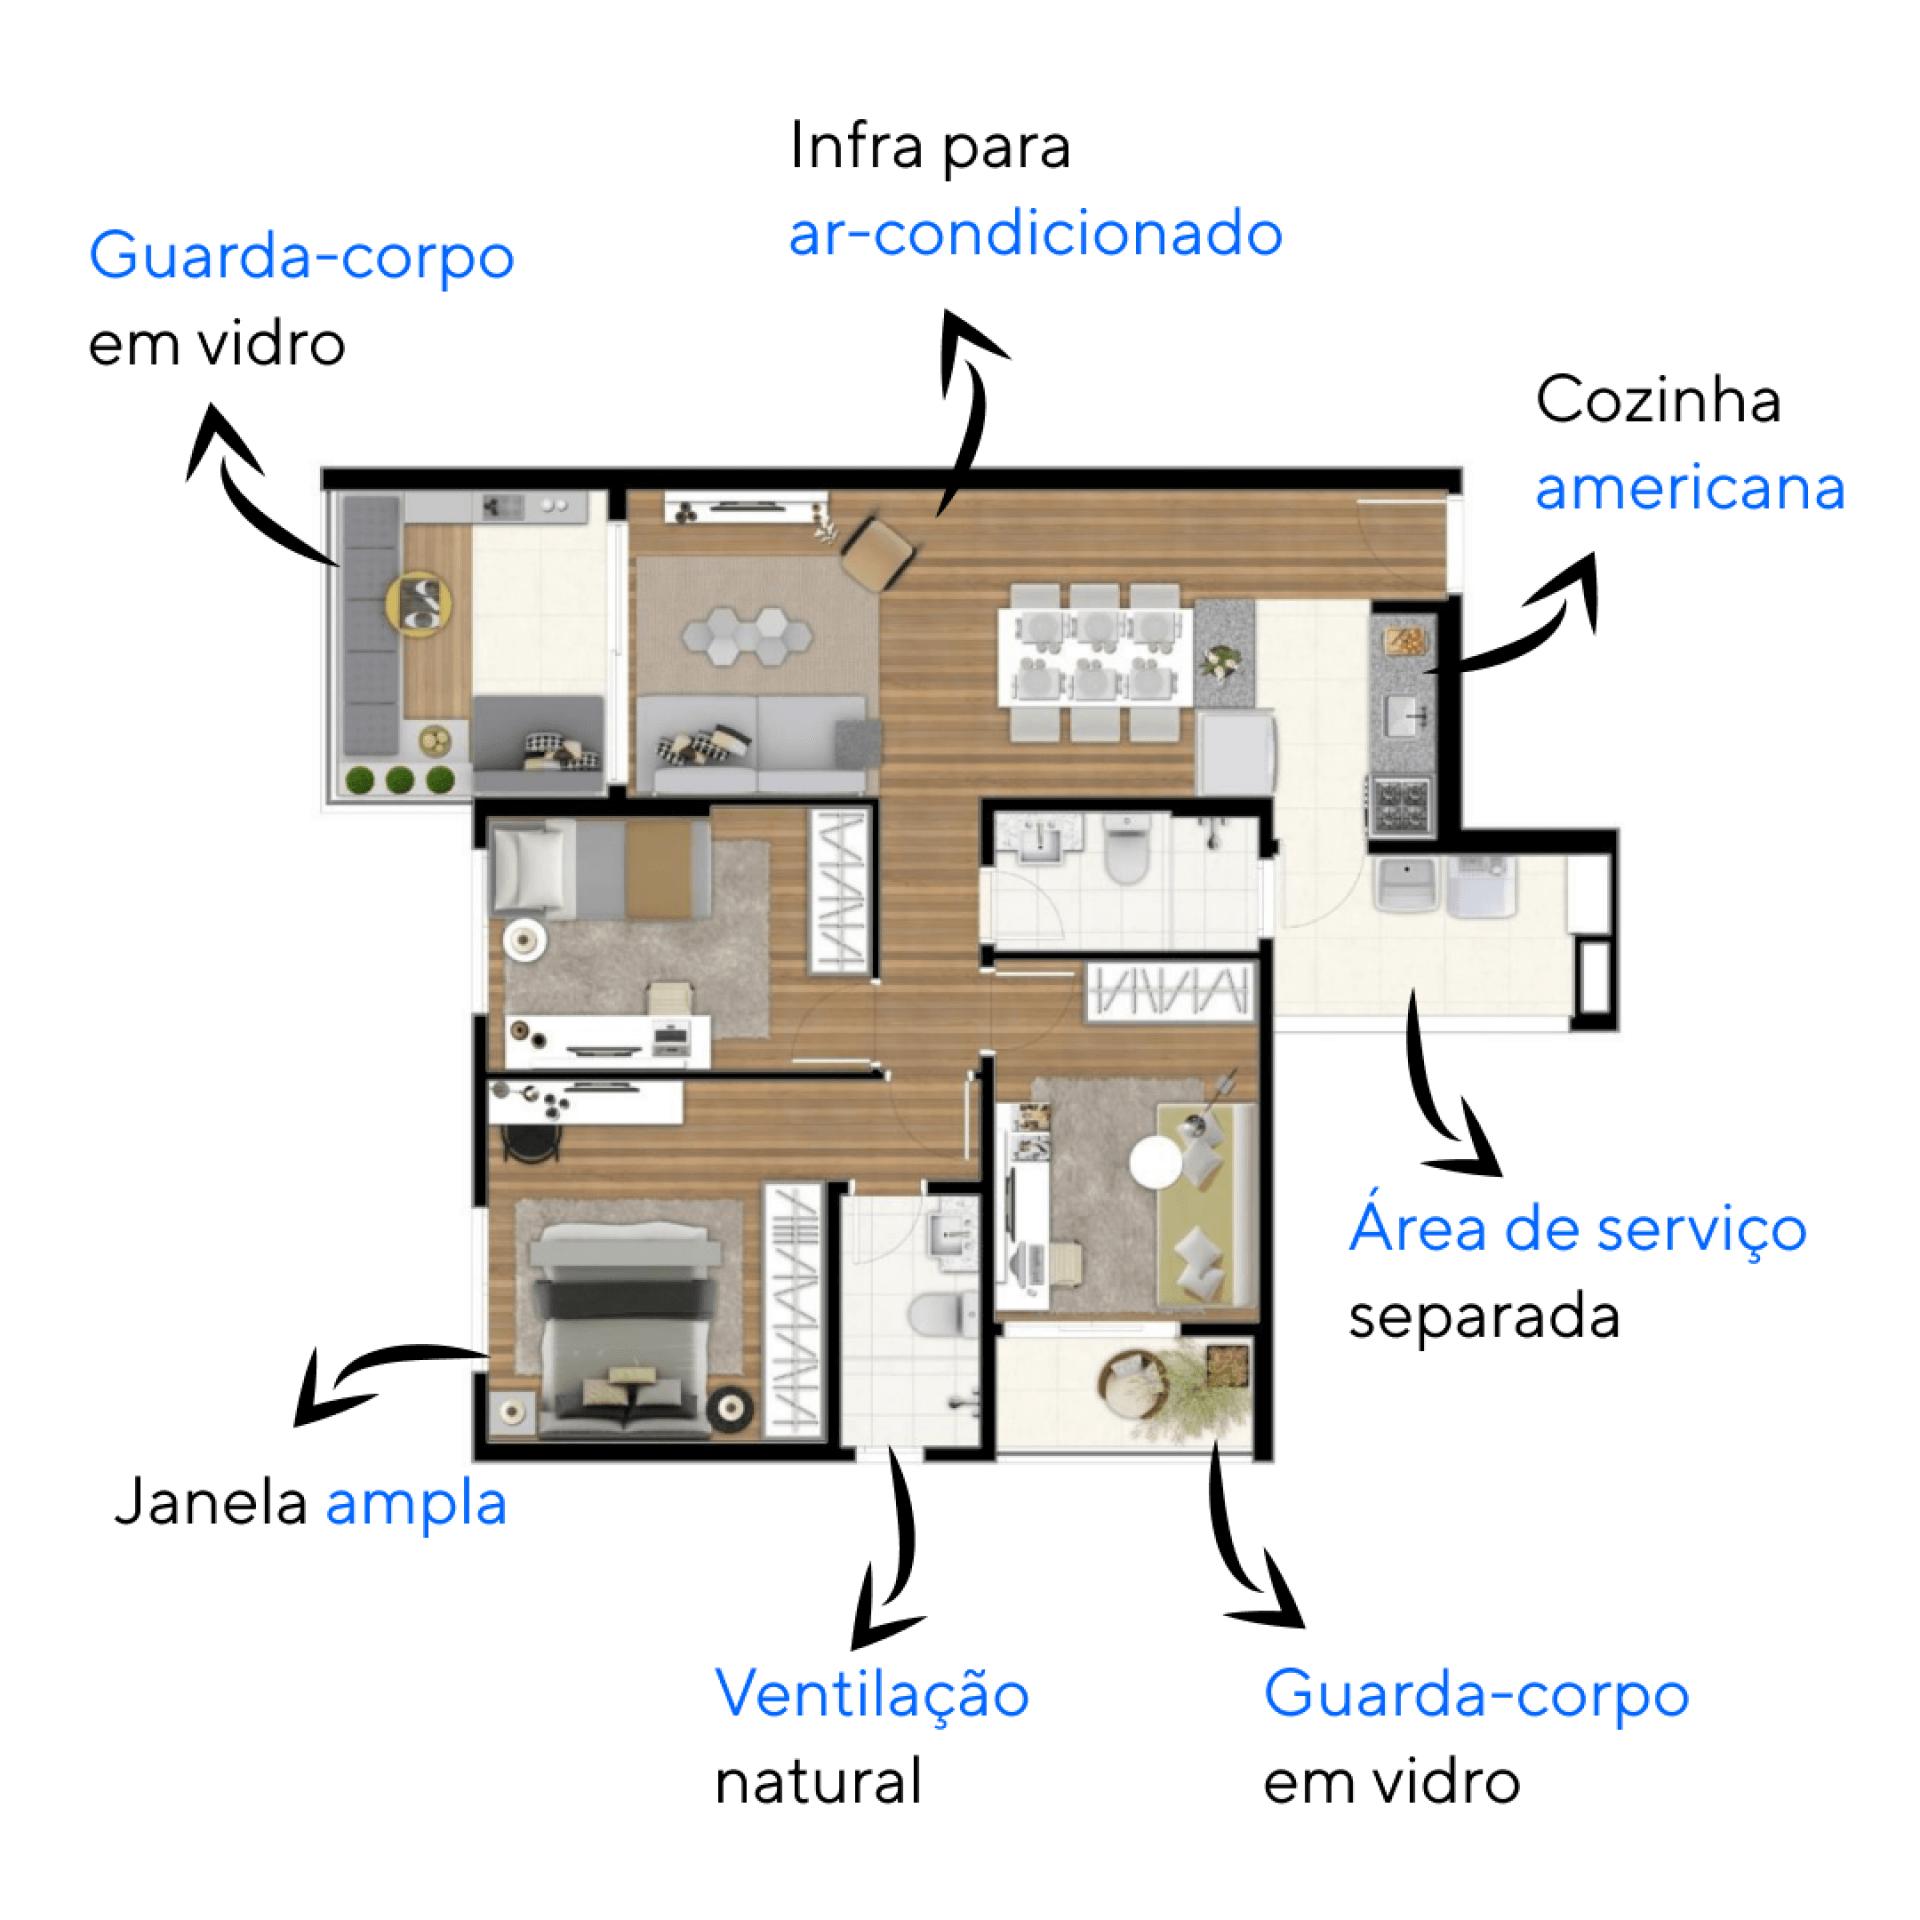 82 M² - 3 DORMITÓRIOS, SENDO 1 SUÍTE. Apartamentos do Edifício MariAna! com banheiros naturalmente ventilados, terraço íntimo e janelas com bandeira fixa nos dormitórios. Destaque para a suíte, com espaço para bancada e infra para ar-condicionado.